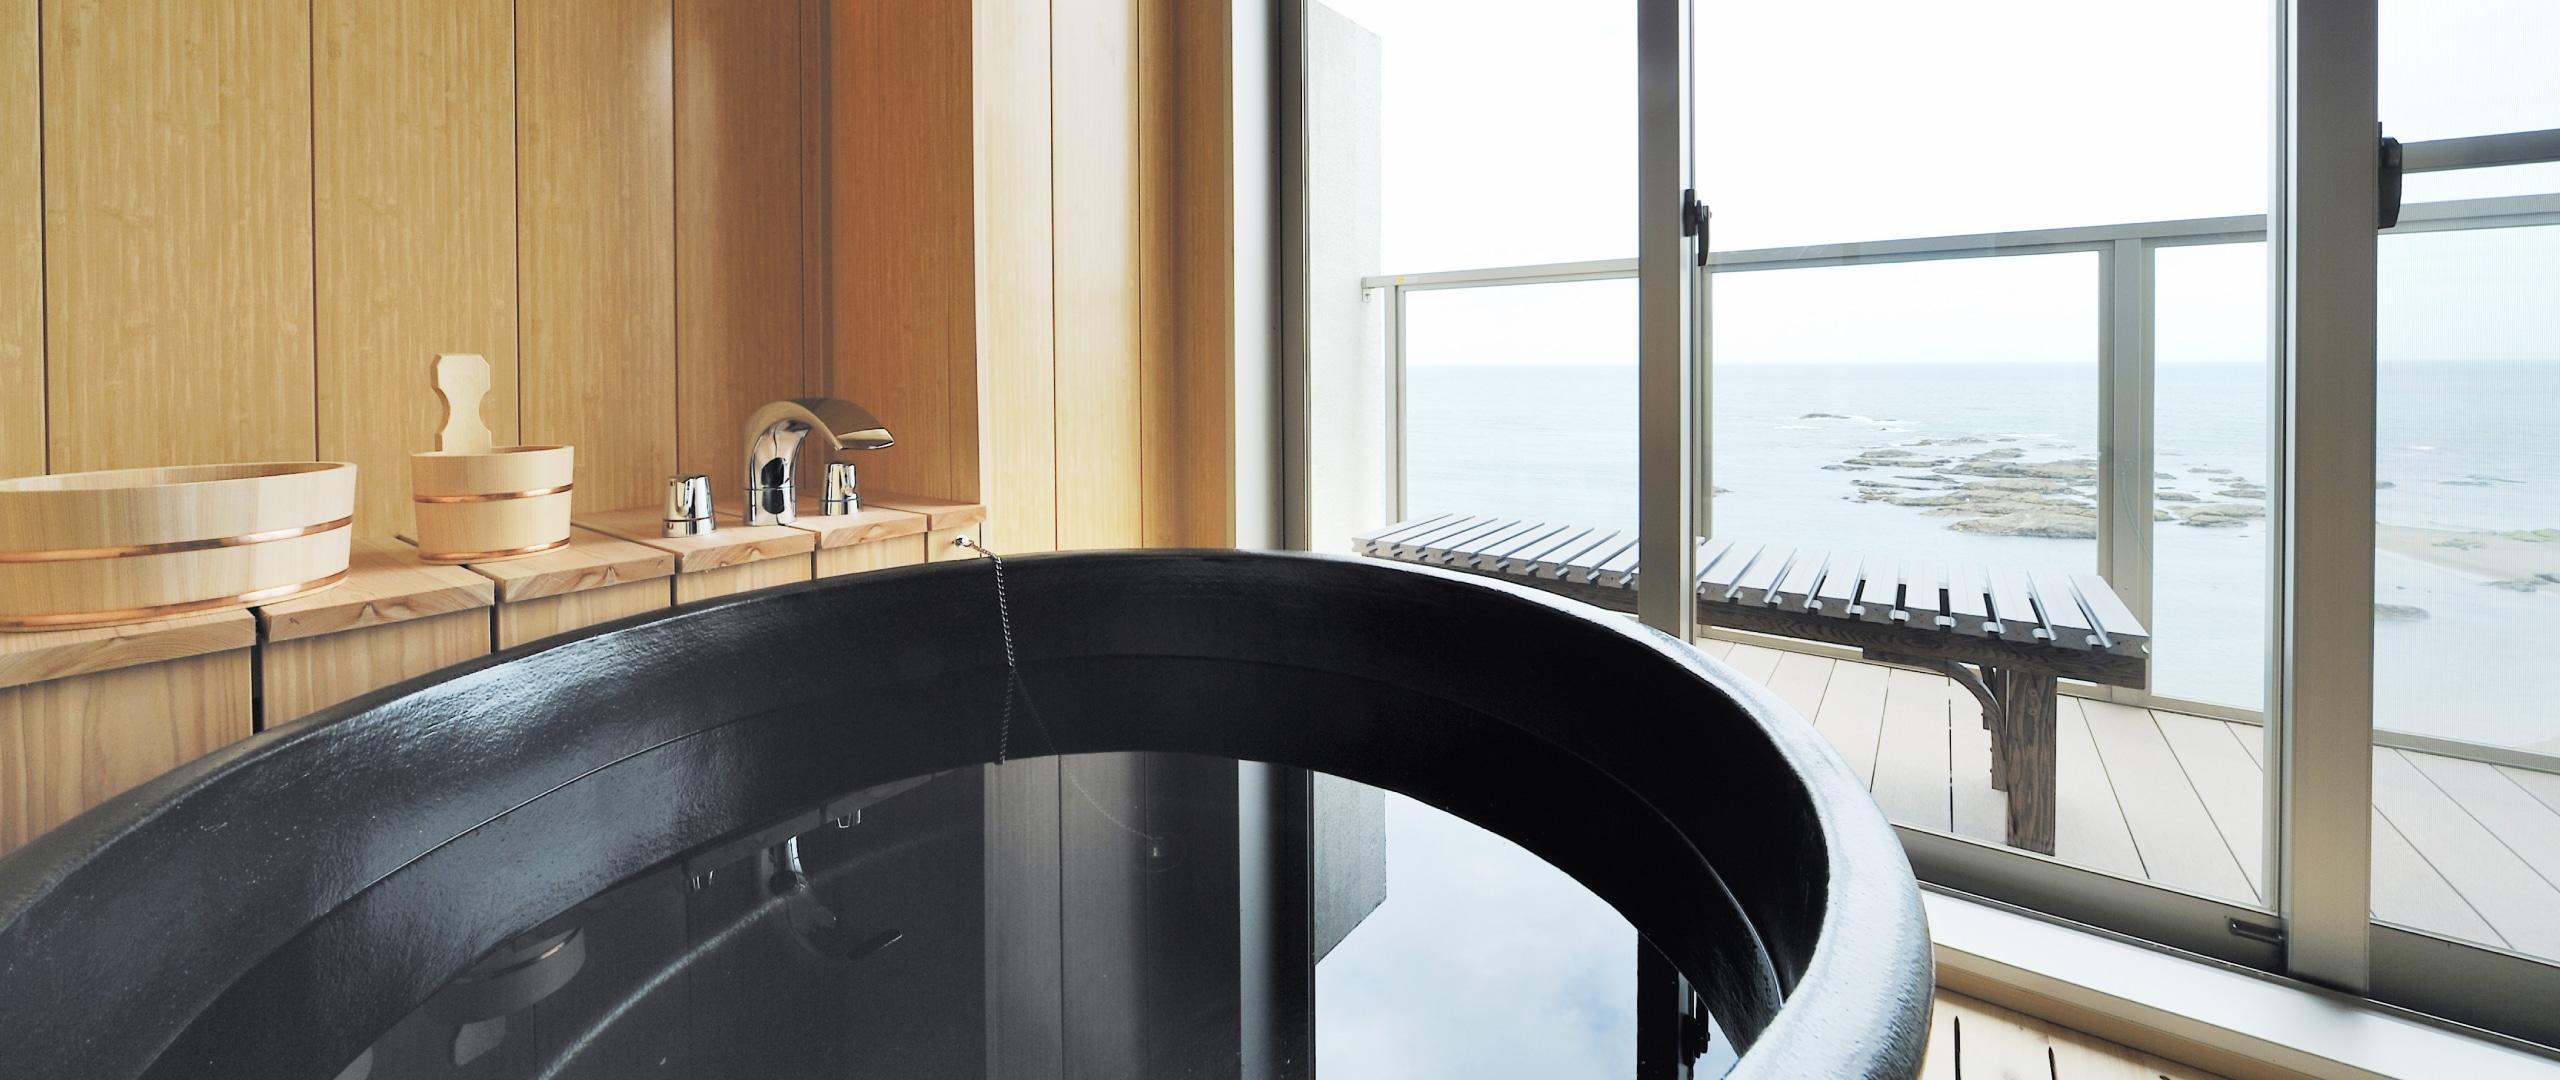 海を一望する円形の浴槽